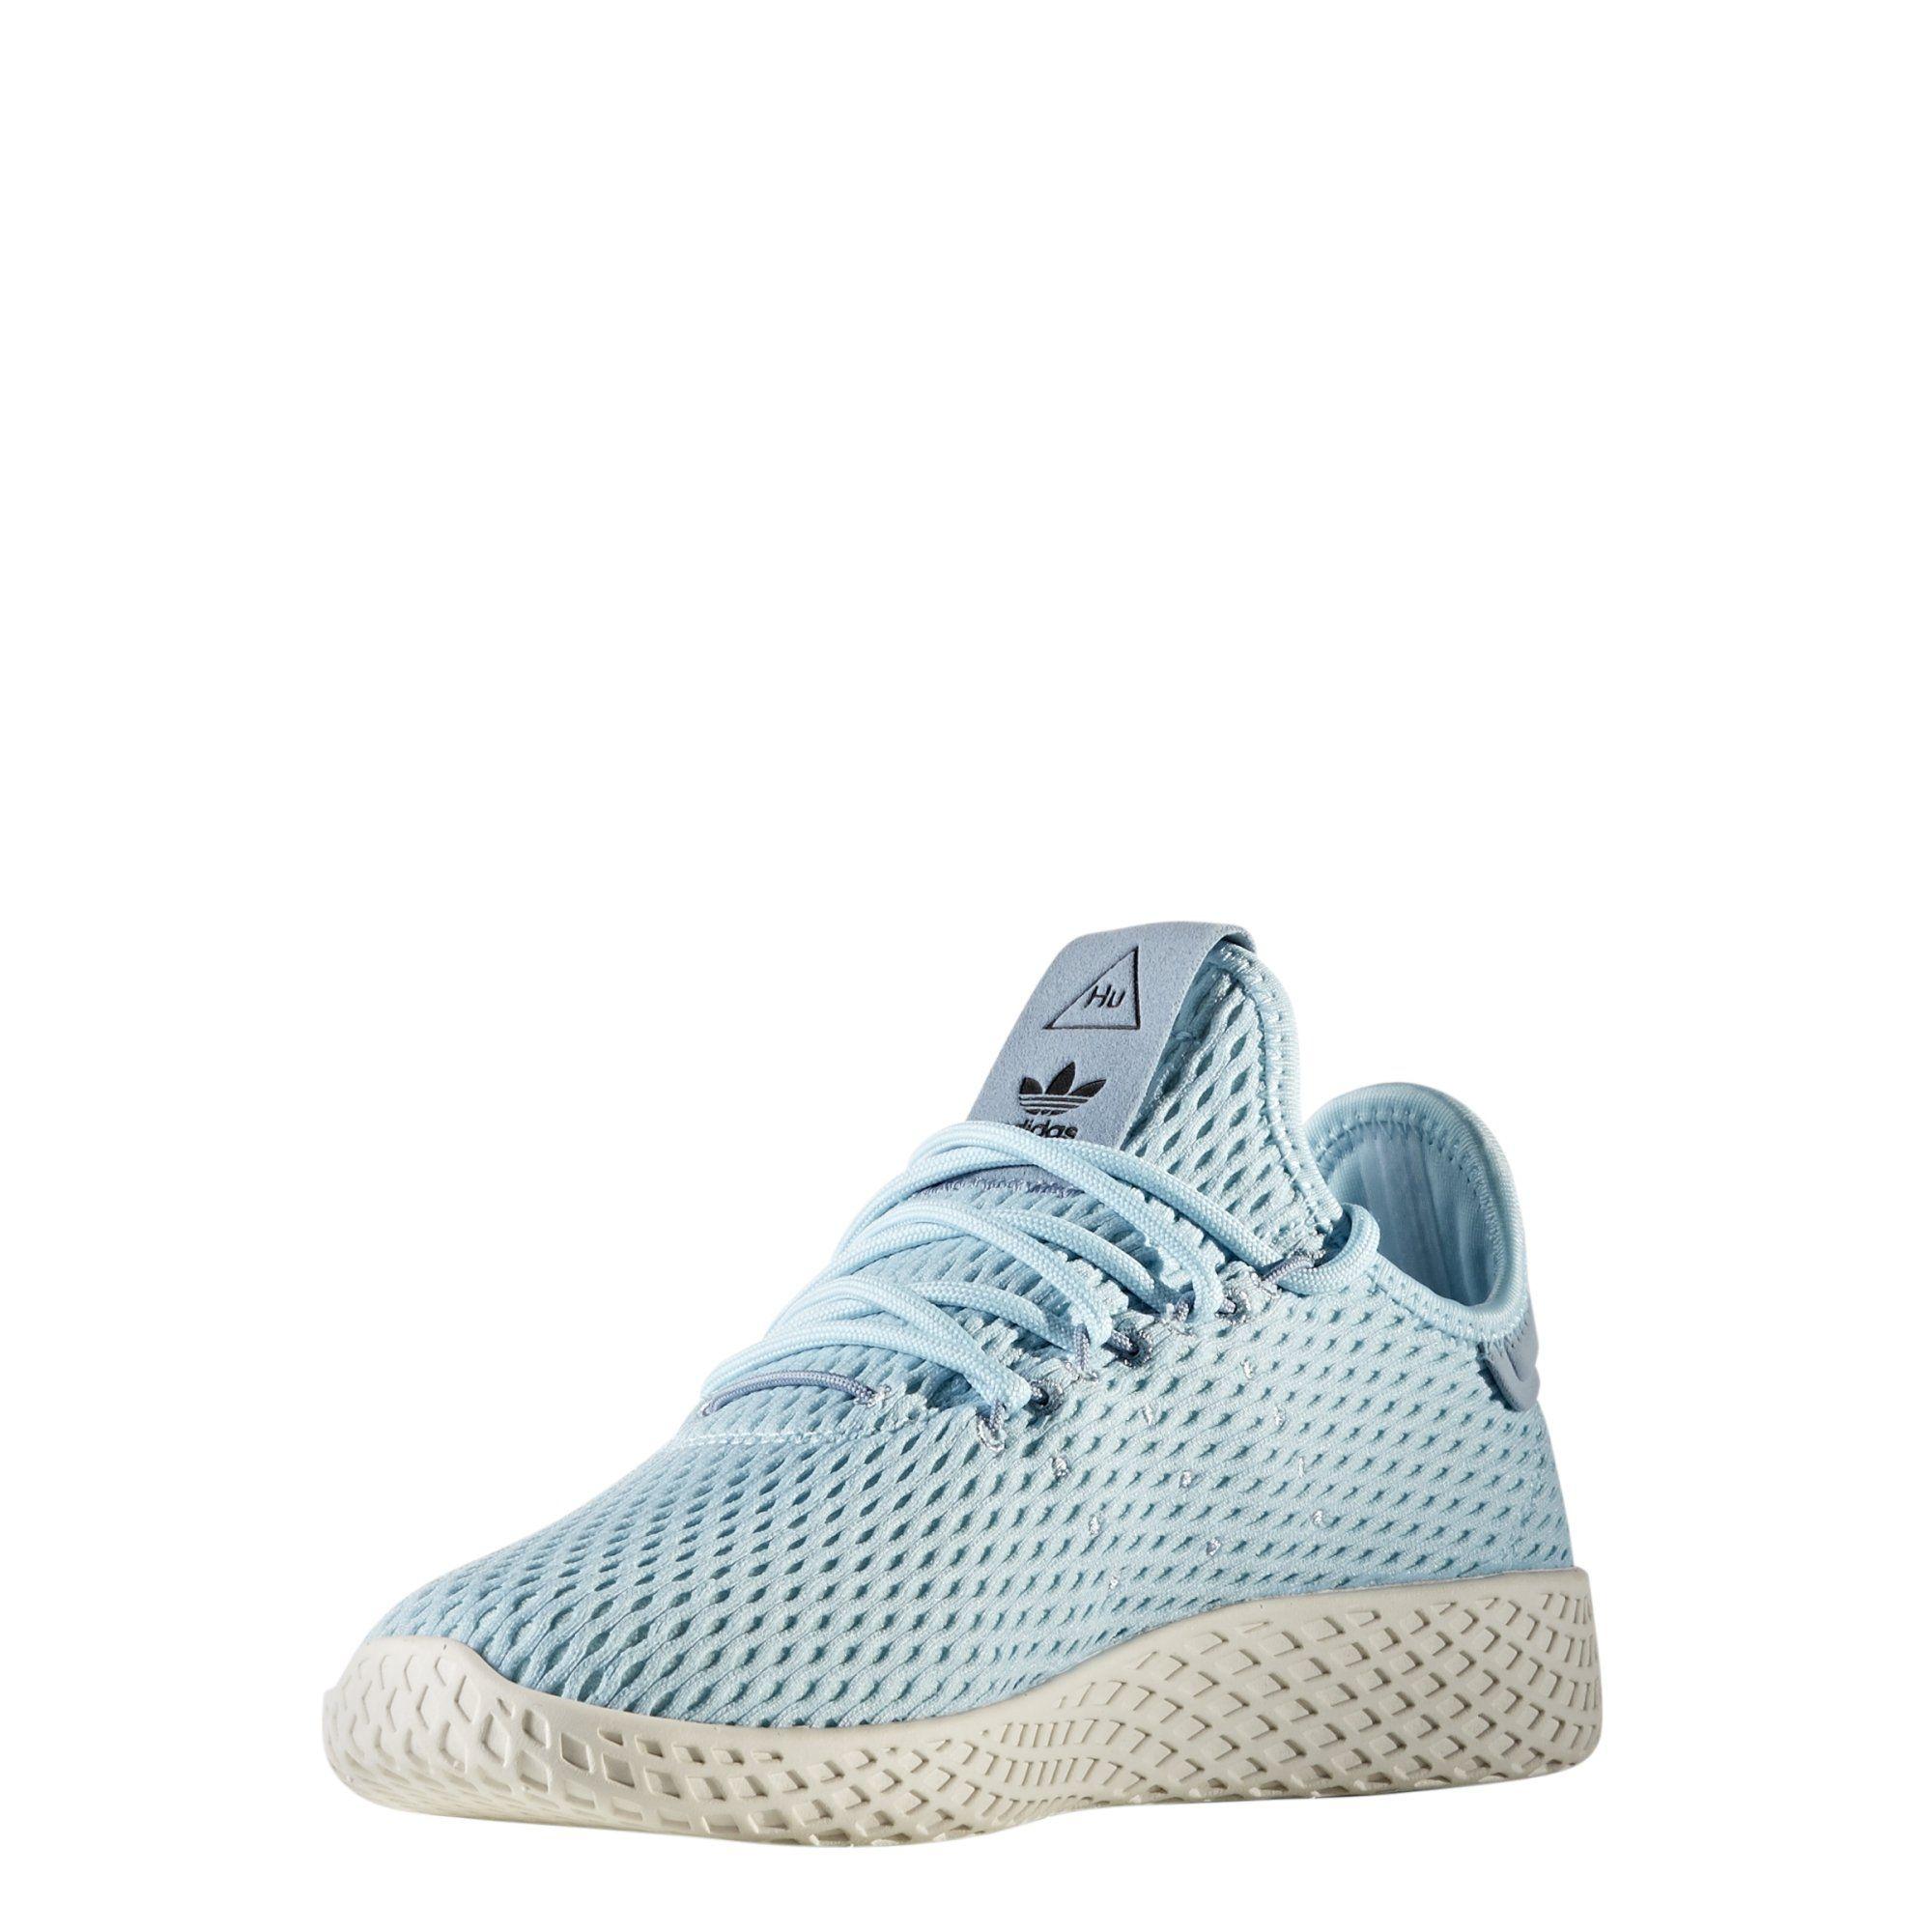 d58bbc800052f Adidas x Pharrell Williams Big Kids Tennis HU J blue icey blue footwear  white Size 4.0